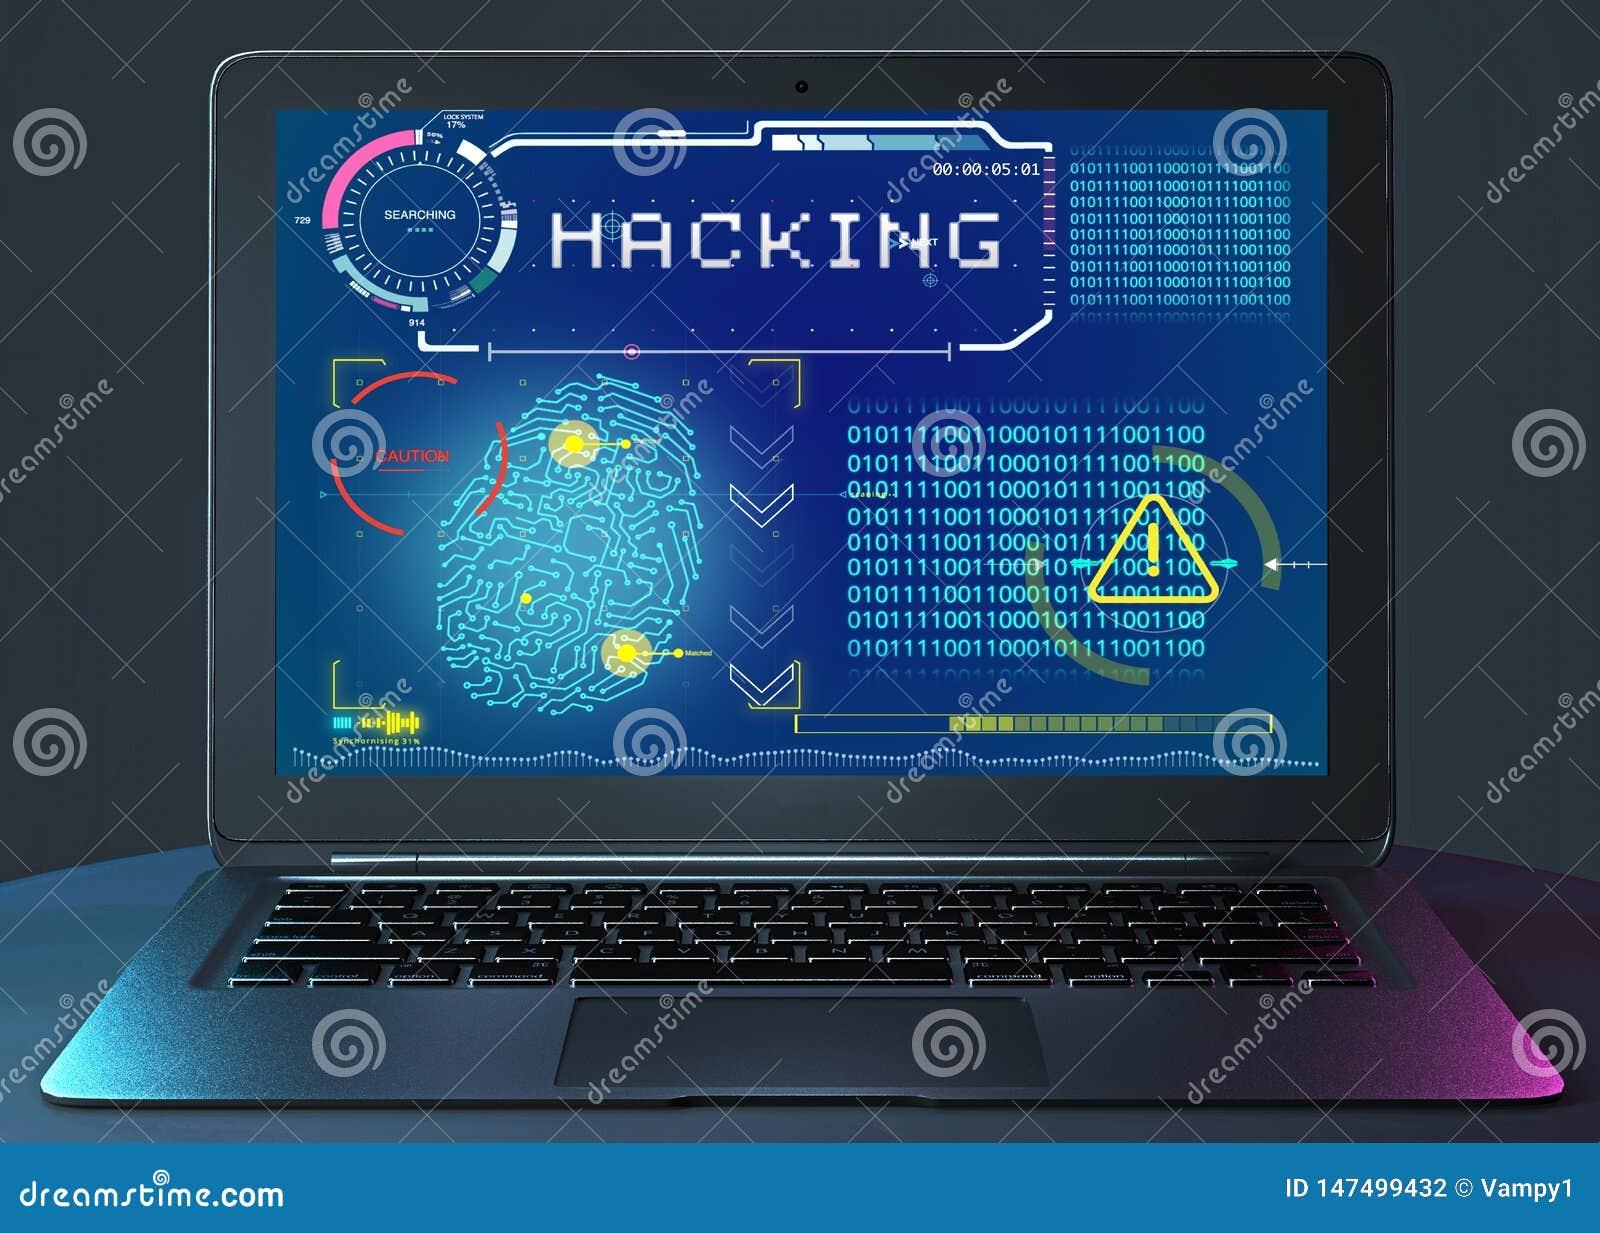 Κλοπή ταυτότητας, αποκτήσεις προσωπικών στοιχείων, απάτη Λαμβάνοντας το περιεχόμενο παράνομα, ληστευμένο λογισμικό Χάκερ που παρα